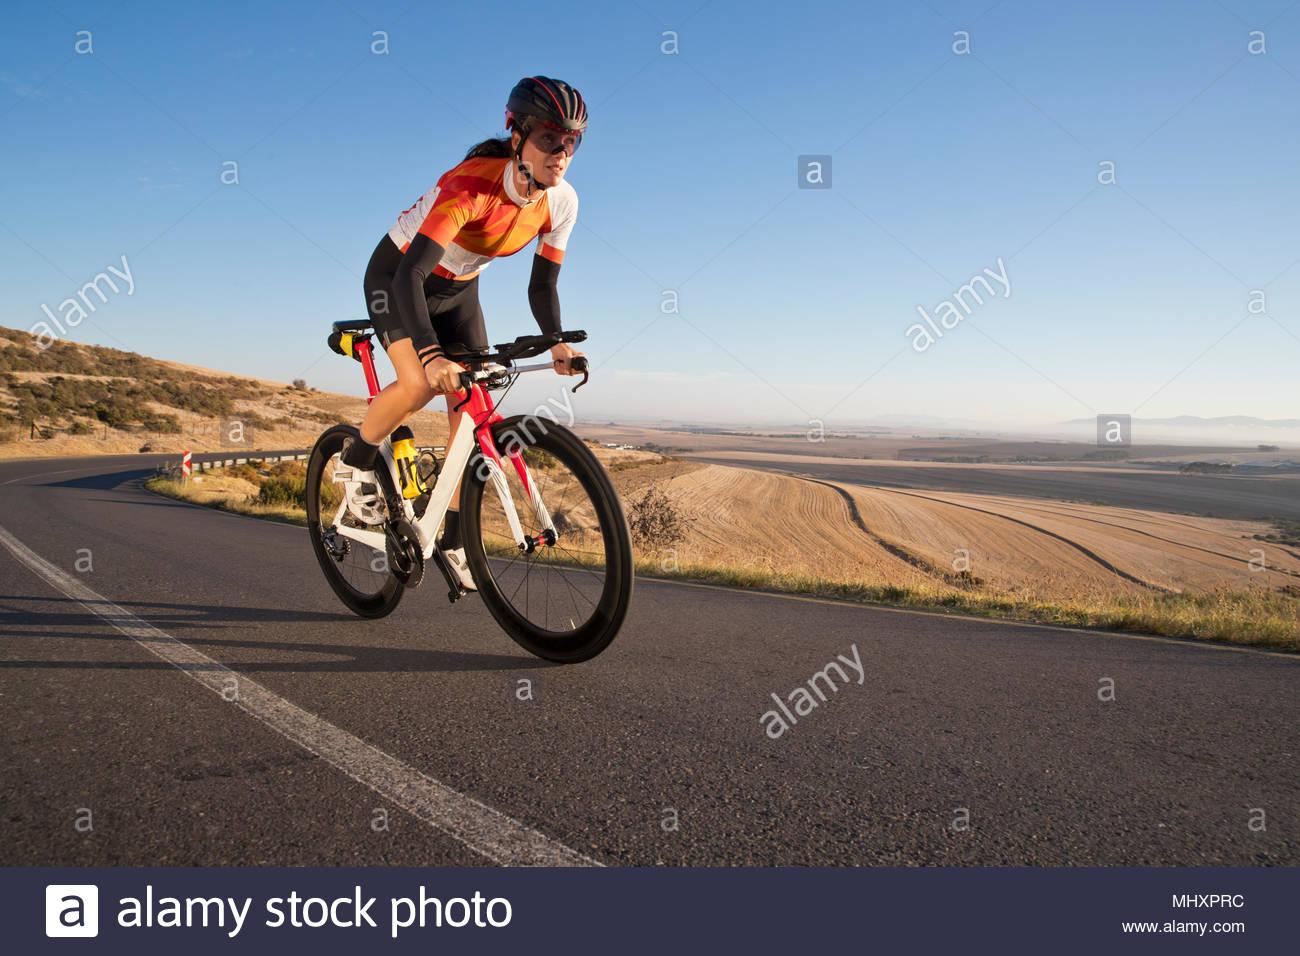 Montando bicicleta carrera ciclista femenina en la soleada carretera abierta Imagen De Stock